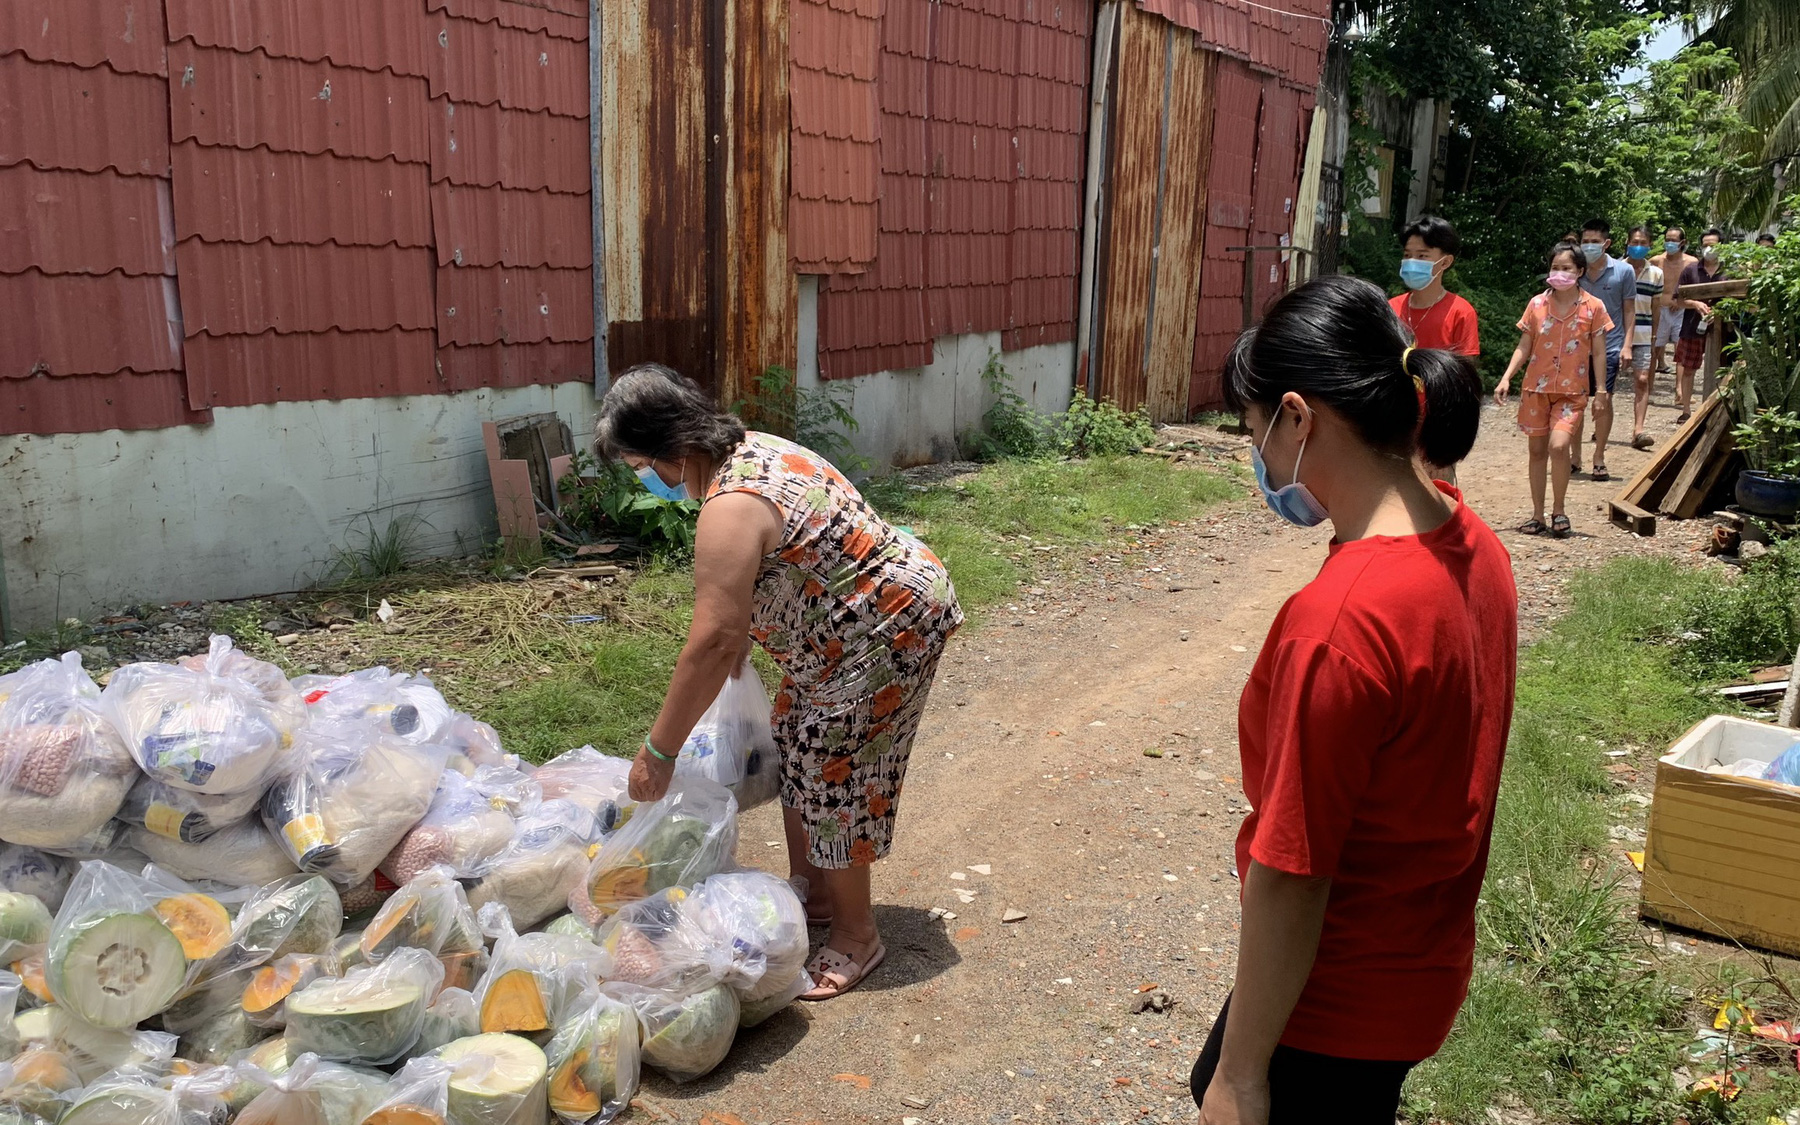 Đáp ứng các cuộc gọi khẩn cấp nhờ hỗ trợ lương thực ở tâm dịch TP.HCM